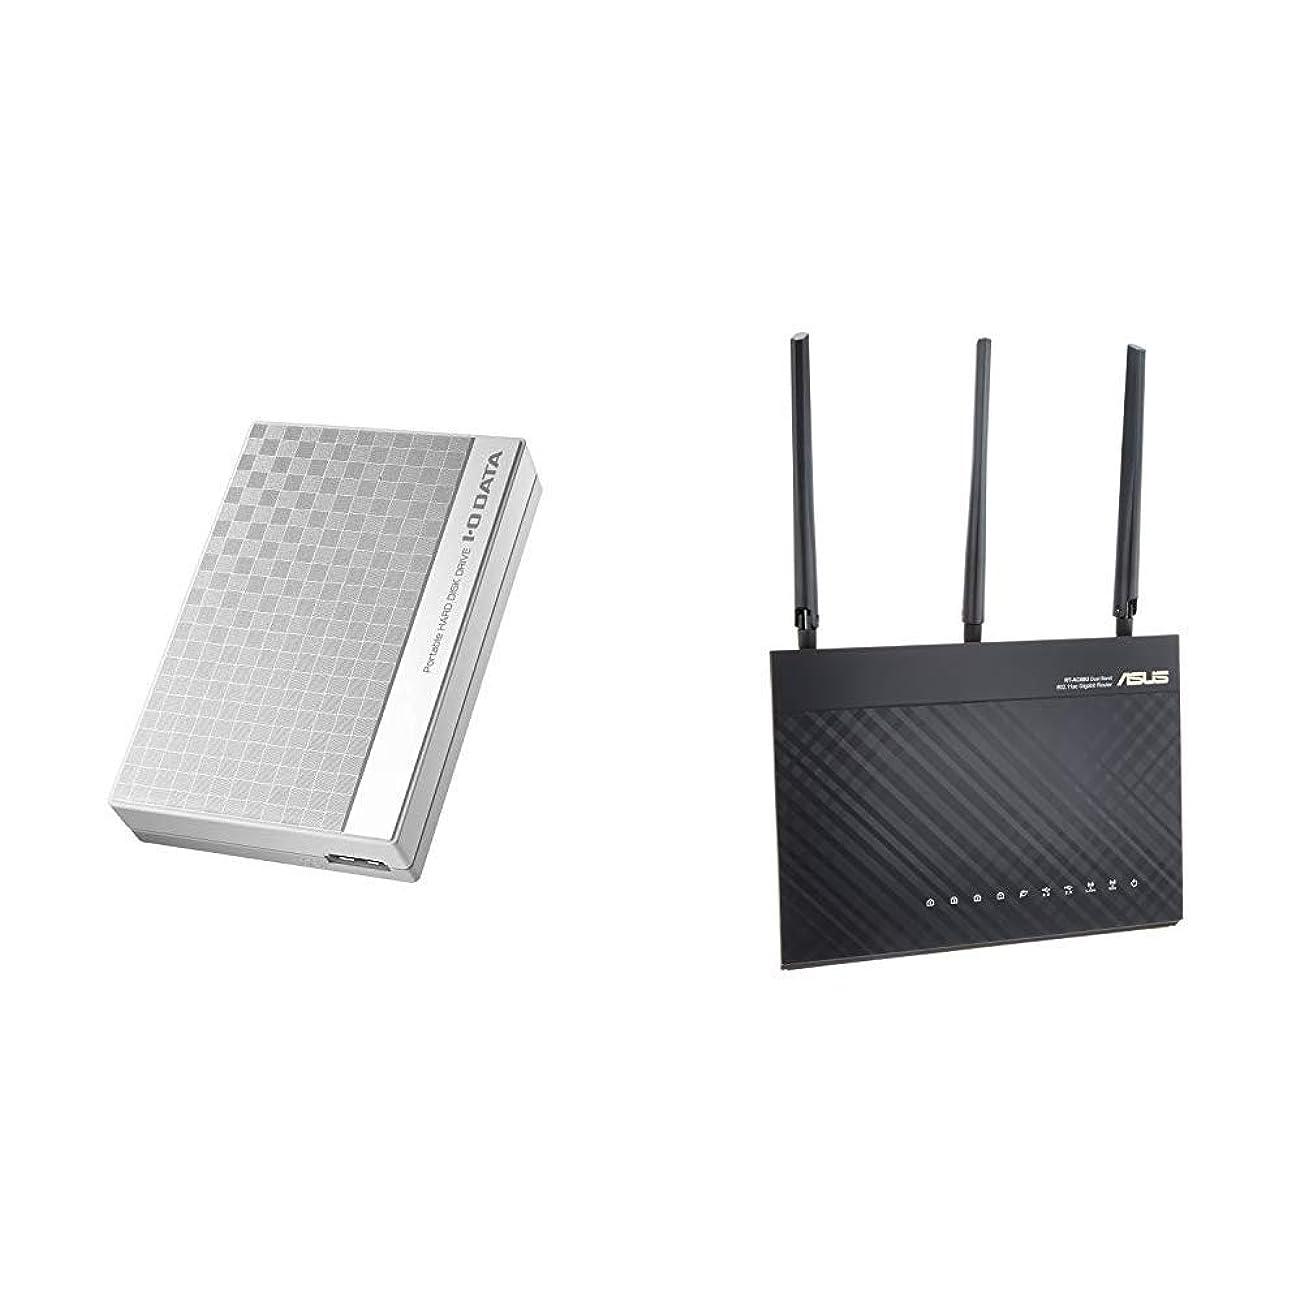 I-O DATA HDD ポータブルハードディスク 5TB USB3.0バスパワー対応 日本製 EC-PHU3W5D & ASUS WiFi 無線LAN ルーター RT-AC68U 11ac デュアルバンド AC1900 1300+600Mbps 最大18台 4LDK 3階建 【 iPhone X/XS 対応 】